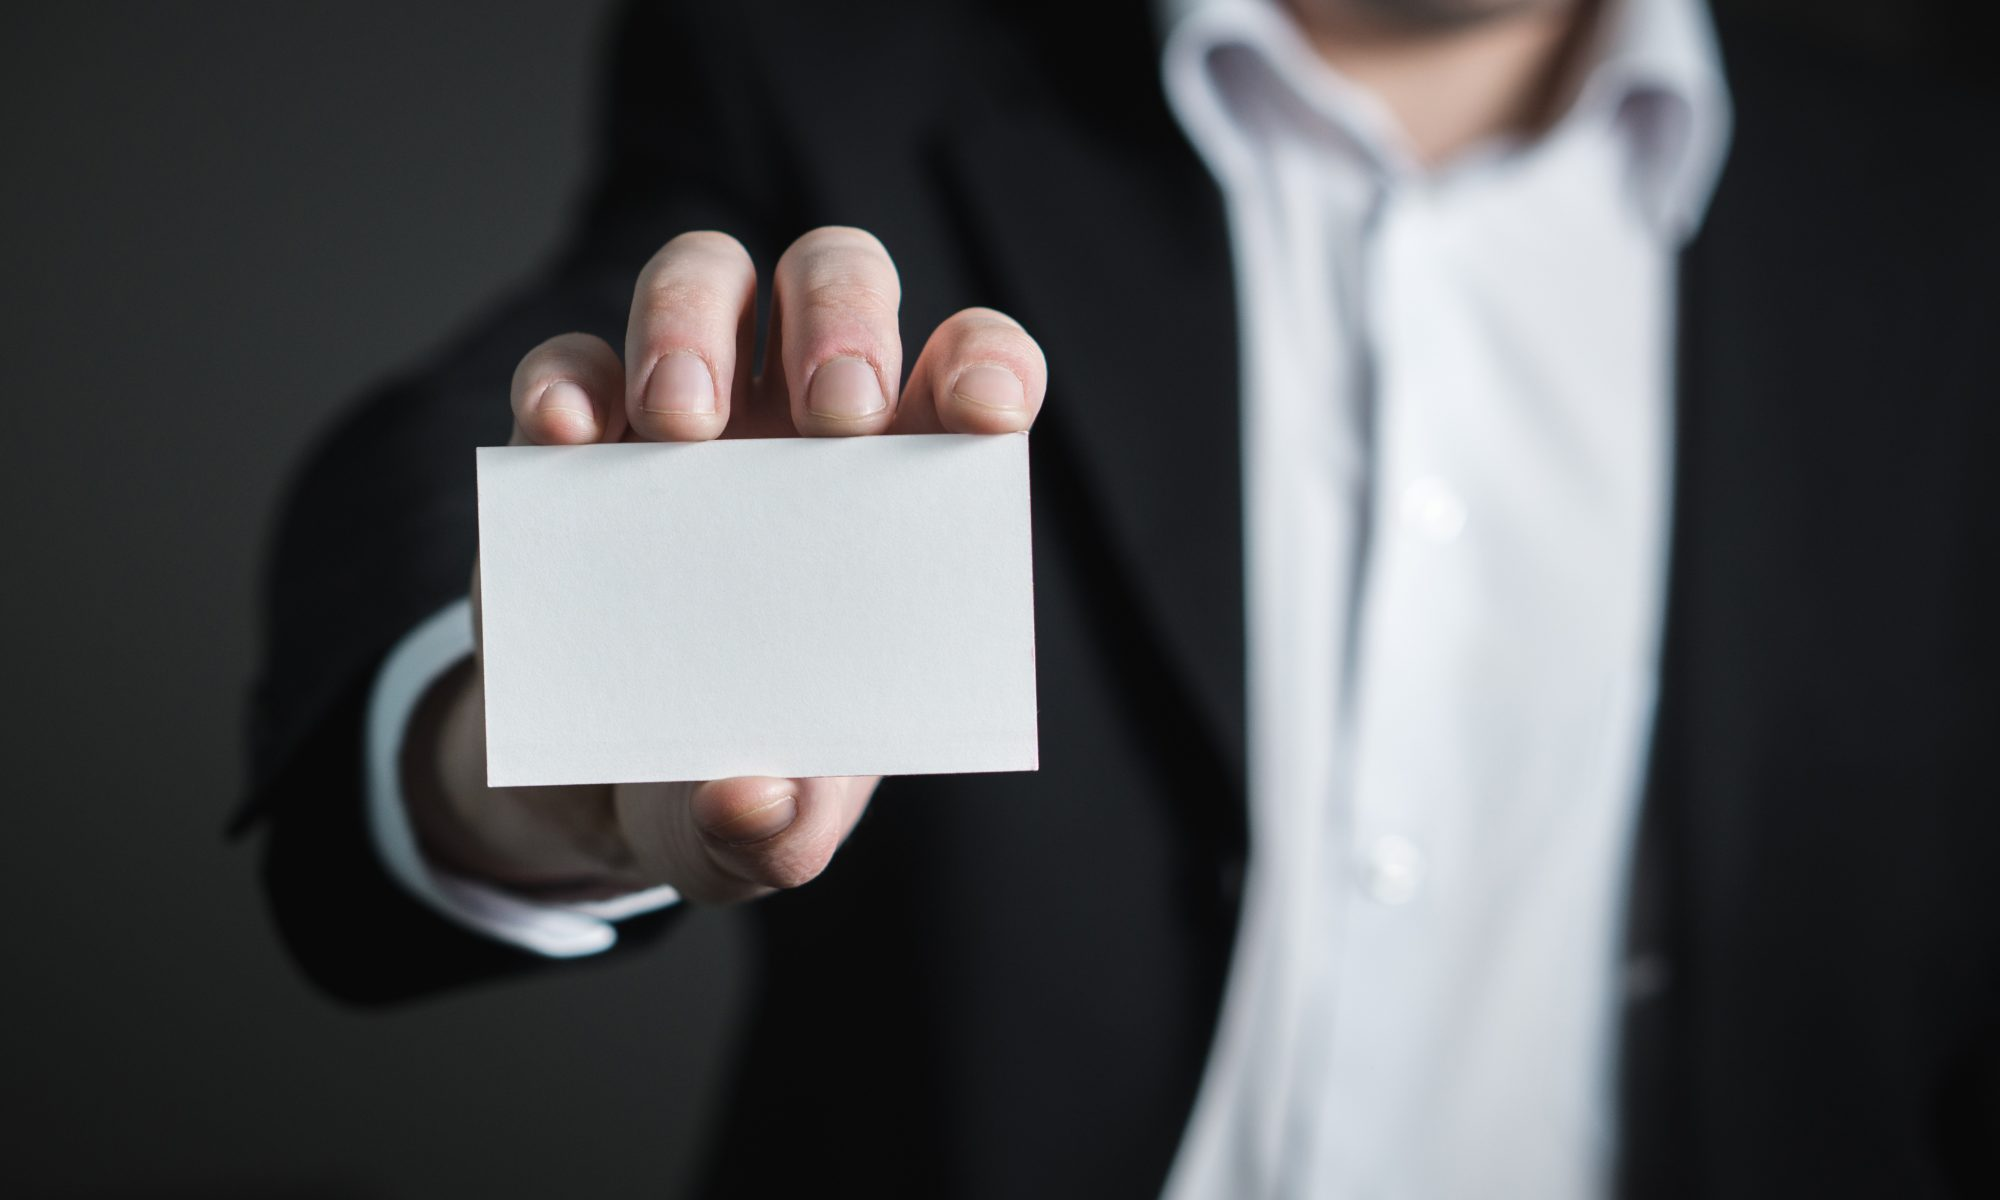 Homme en costume montrant une carte de visite blanche